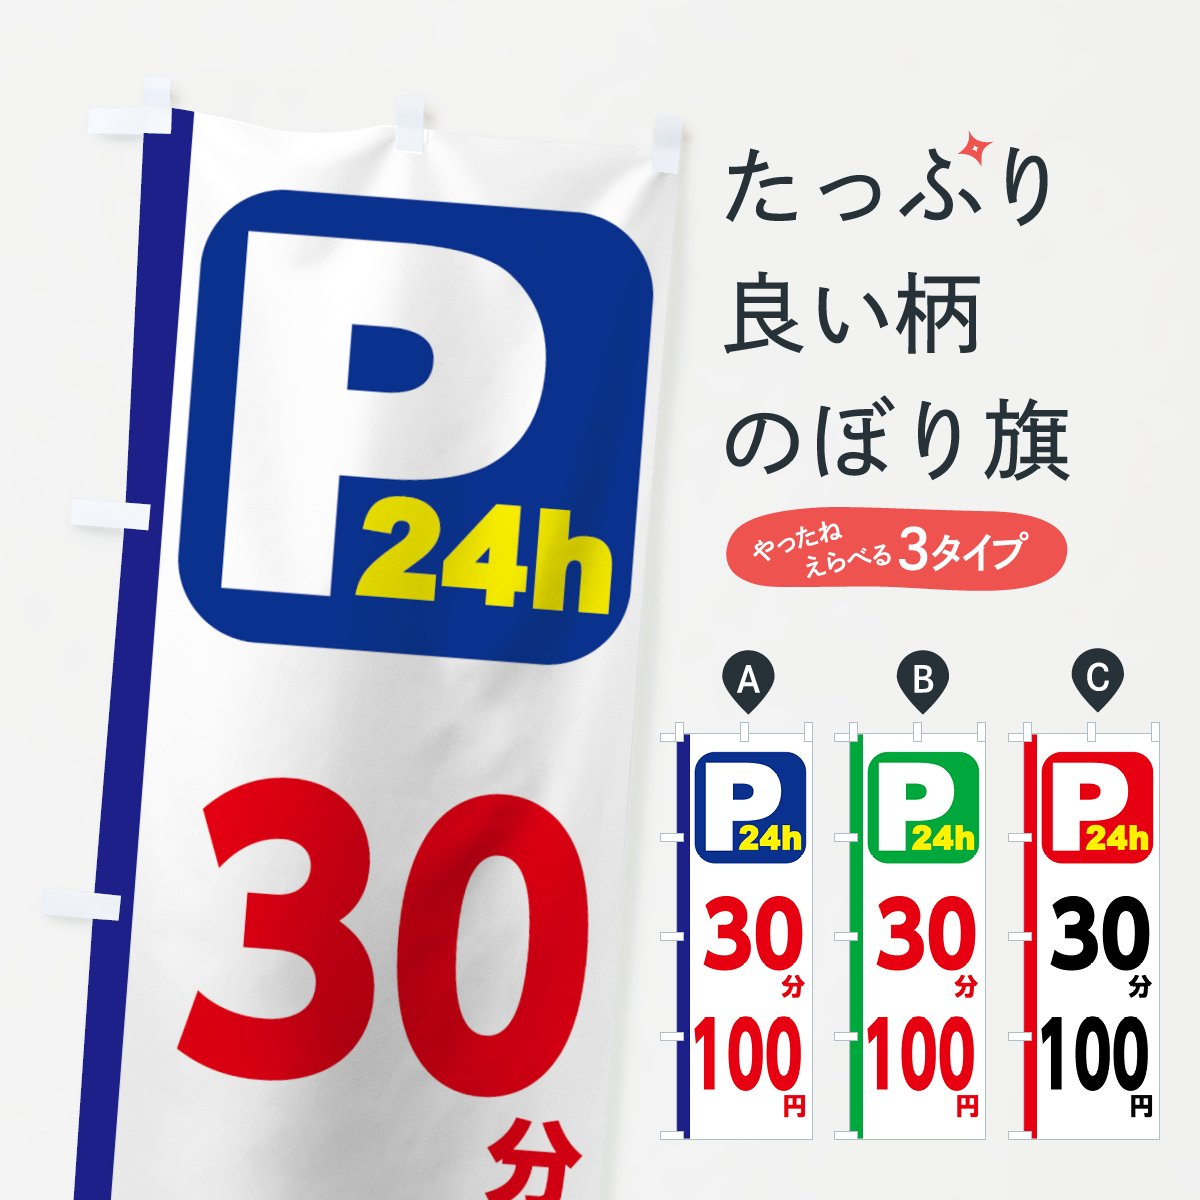 【値替無料】のぼり旗 P24h 30分100円